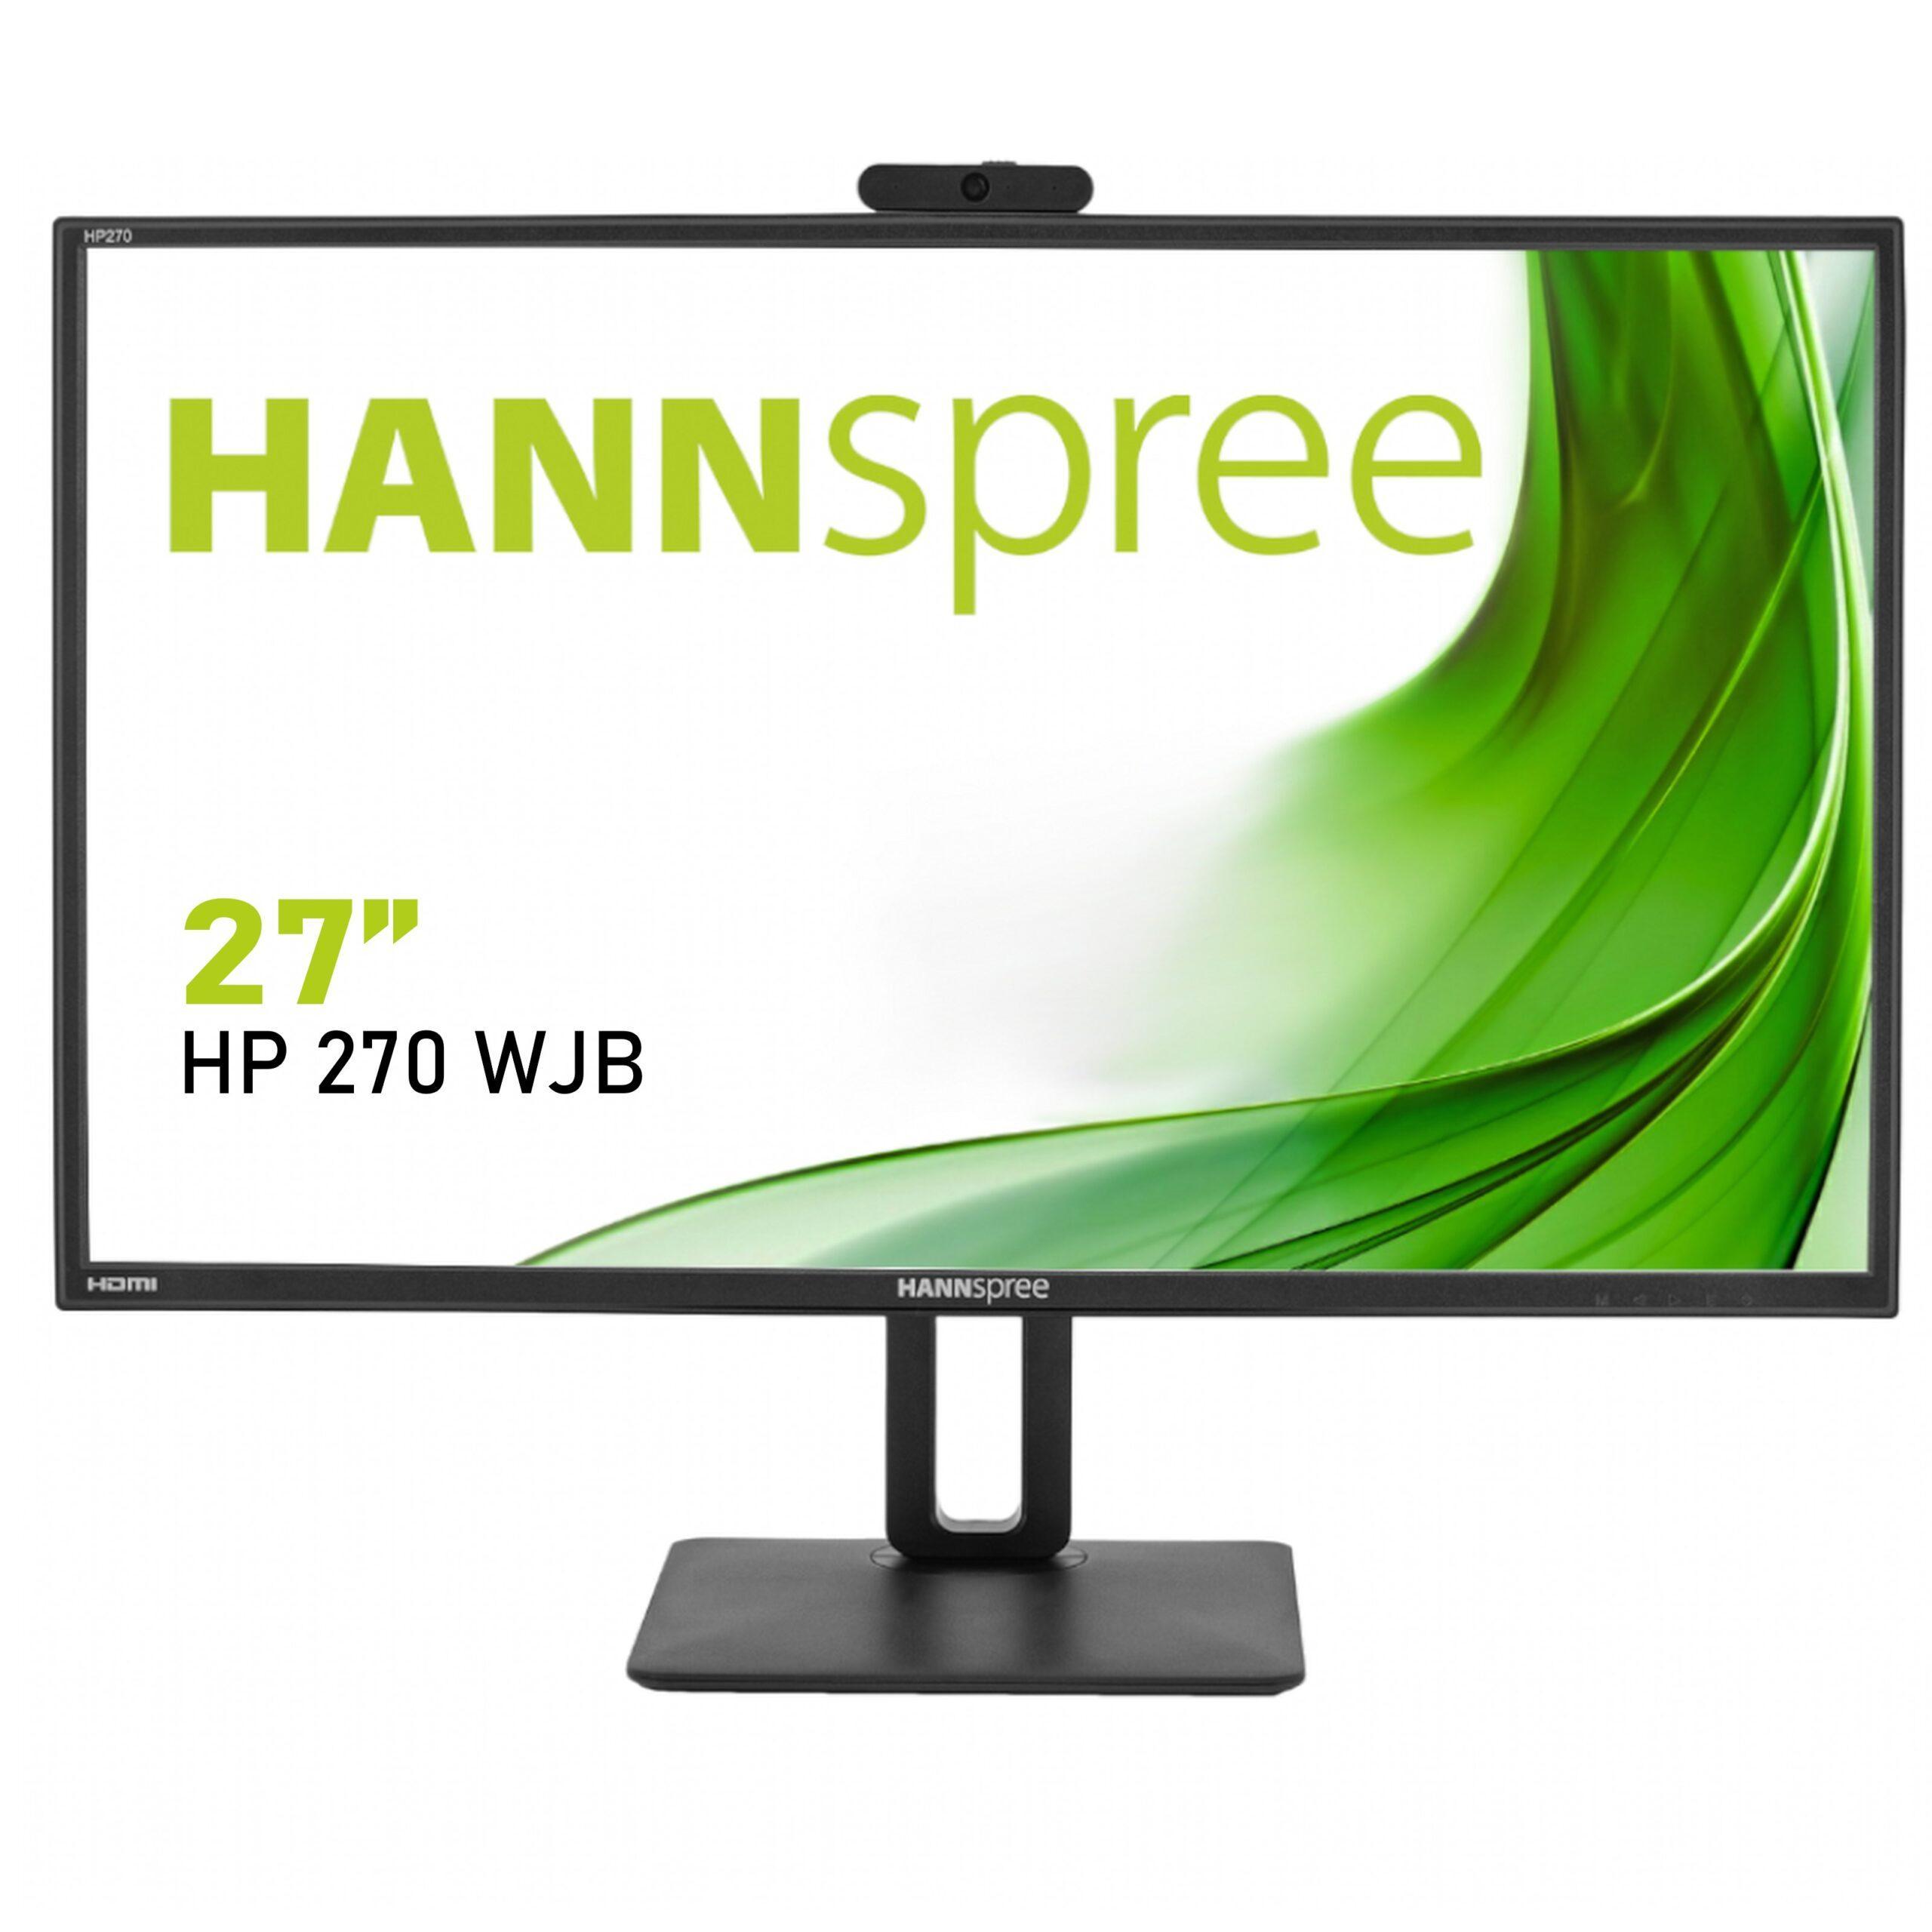 Монитор HANNSPREE HP248WJB, 27 inch, Wide, Full HD, 5 mpix вградена камера, D-Sub, HDMI, DP, Черен